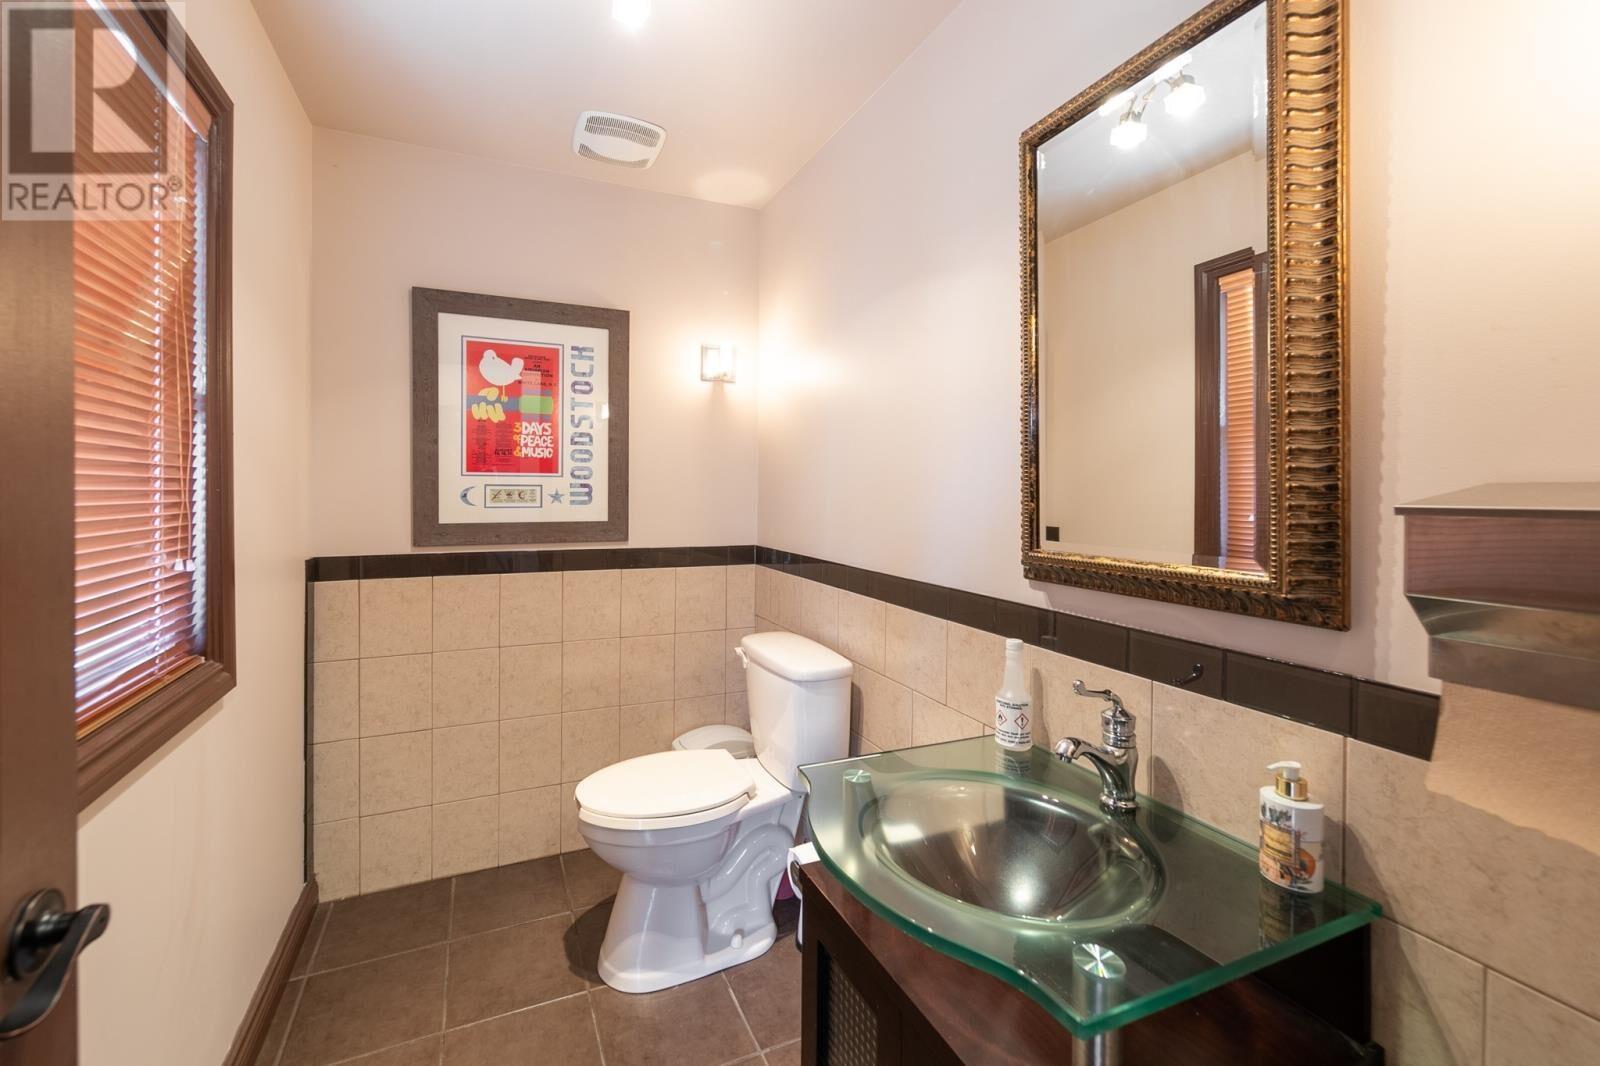 Image nr 22 for listing 8061 WYANDOTTE STREET, Windsor